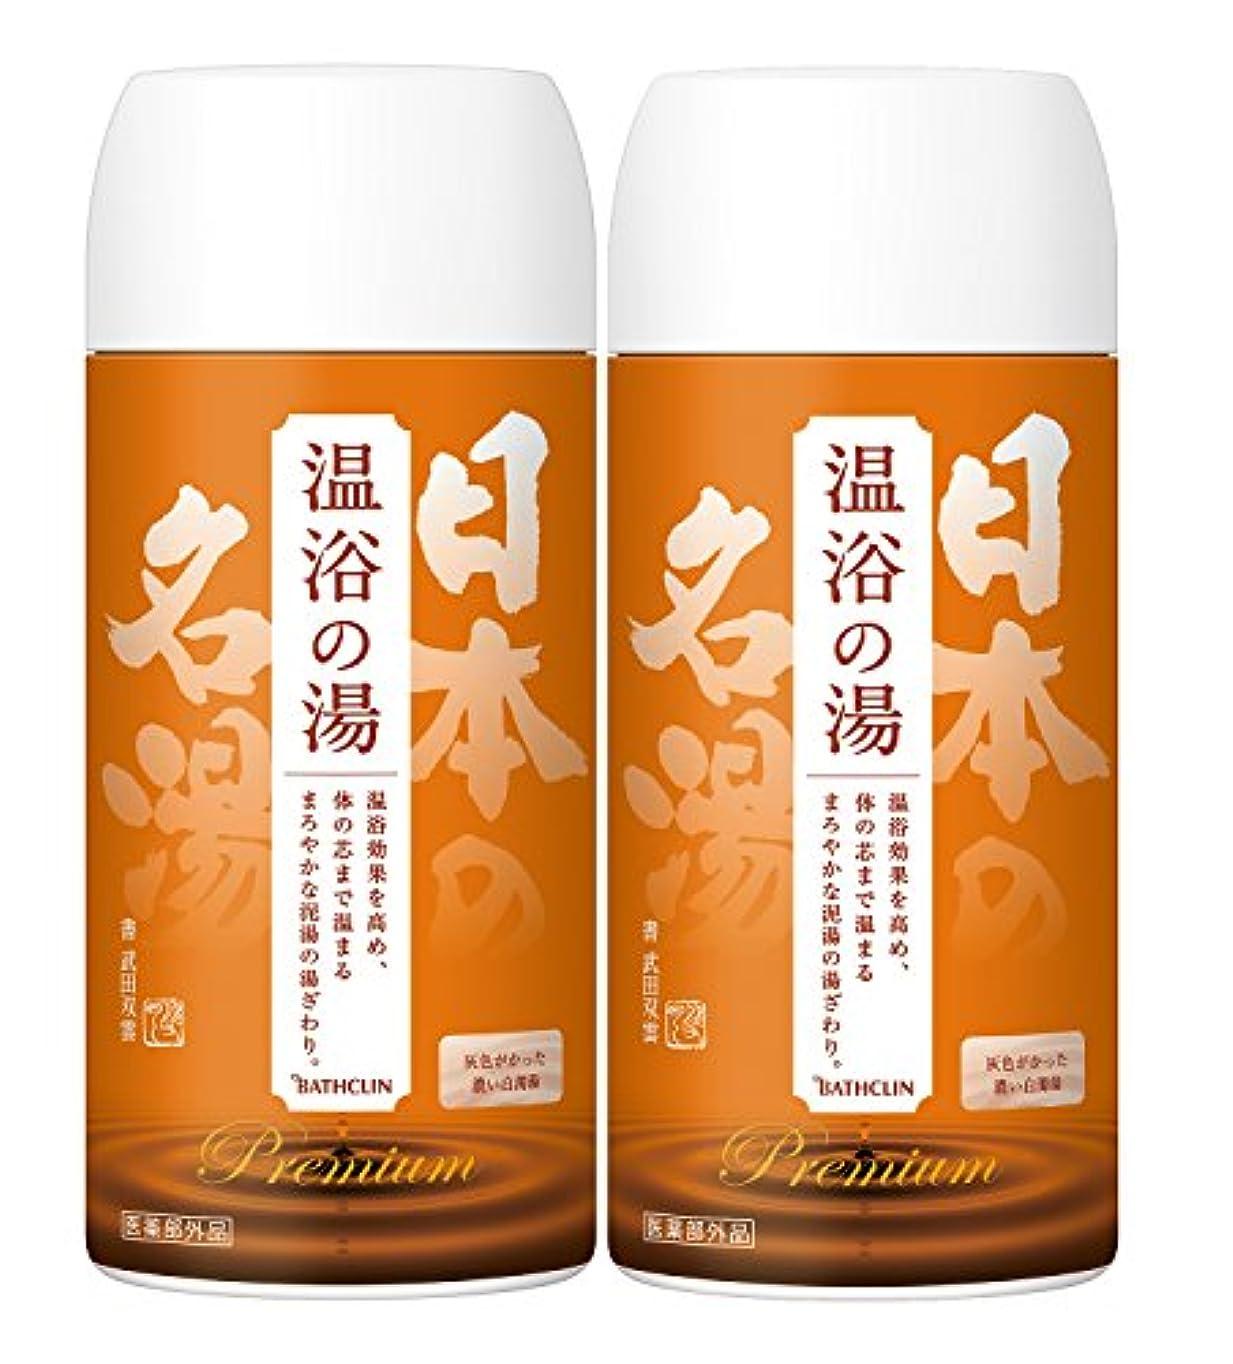 【セット品】プレミアム日本の名湯 温浴の湯 ボトル 400G 入浴剤 2個セット